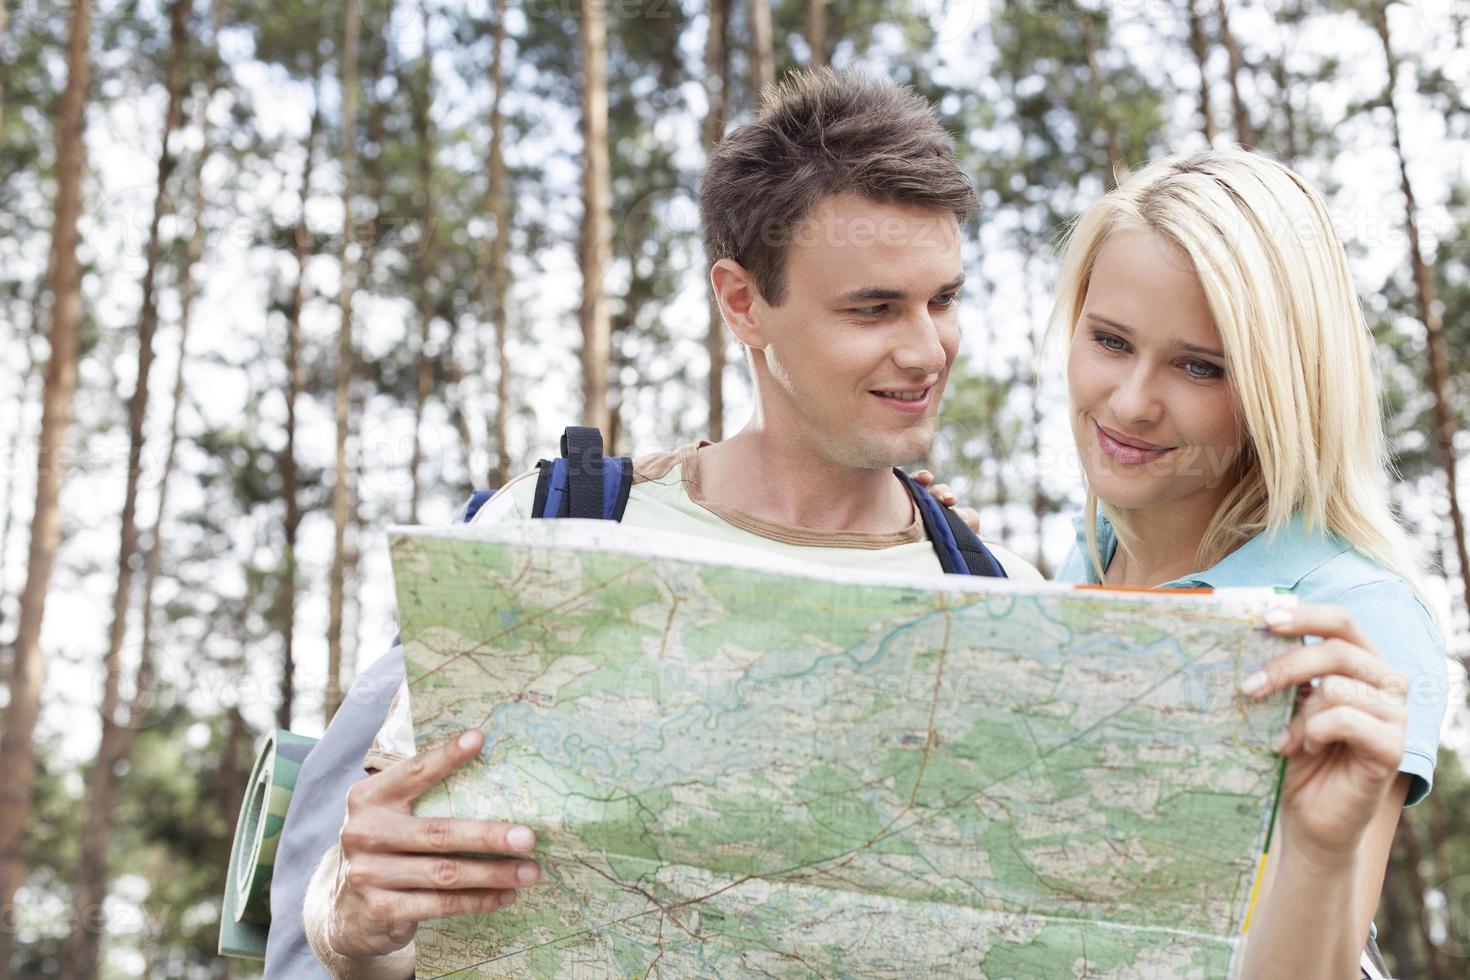 Jóvenes mochileros felices leyendo el mapa en el bosque foto